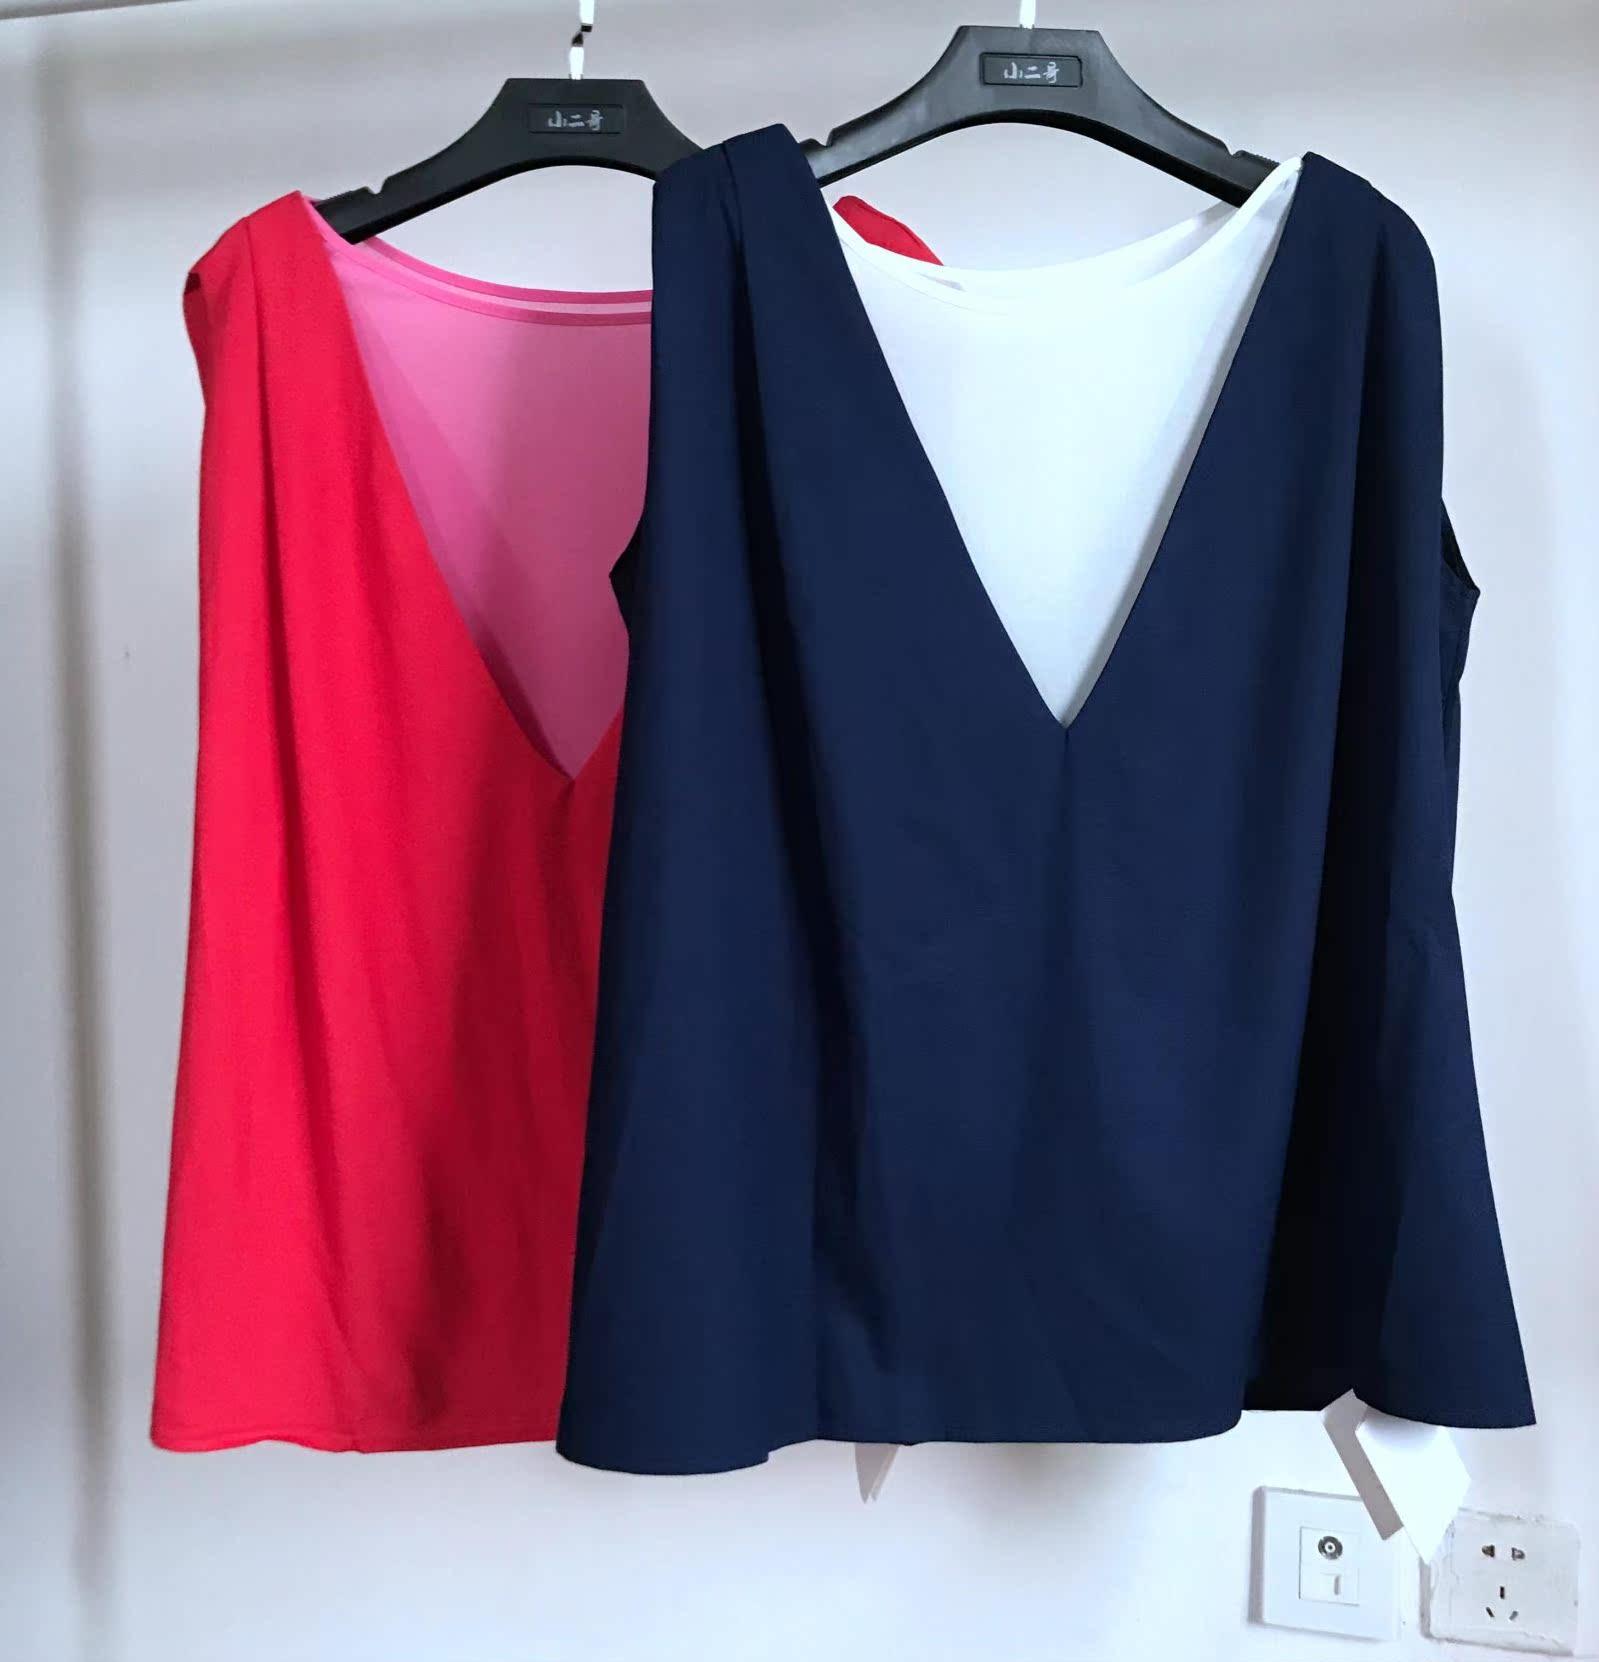 钱夫人CHINSTUDIO 夏季新款韩版显瘦无袖拼接雪纺中长款上衣女